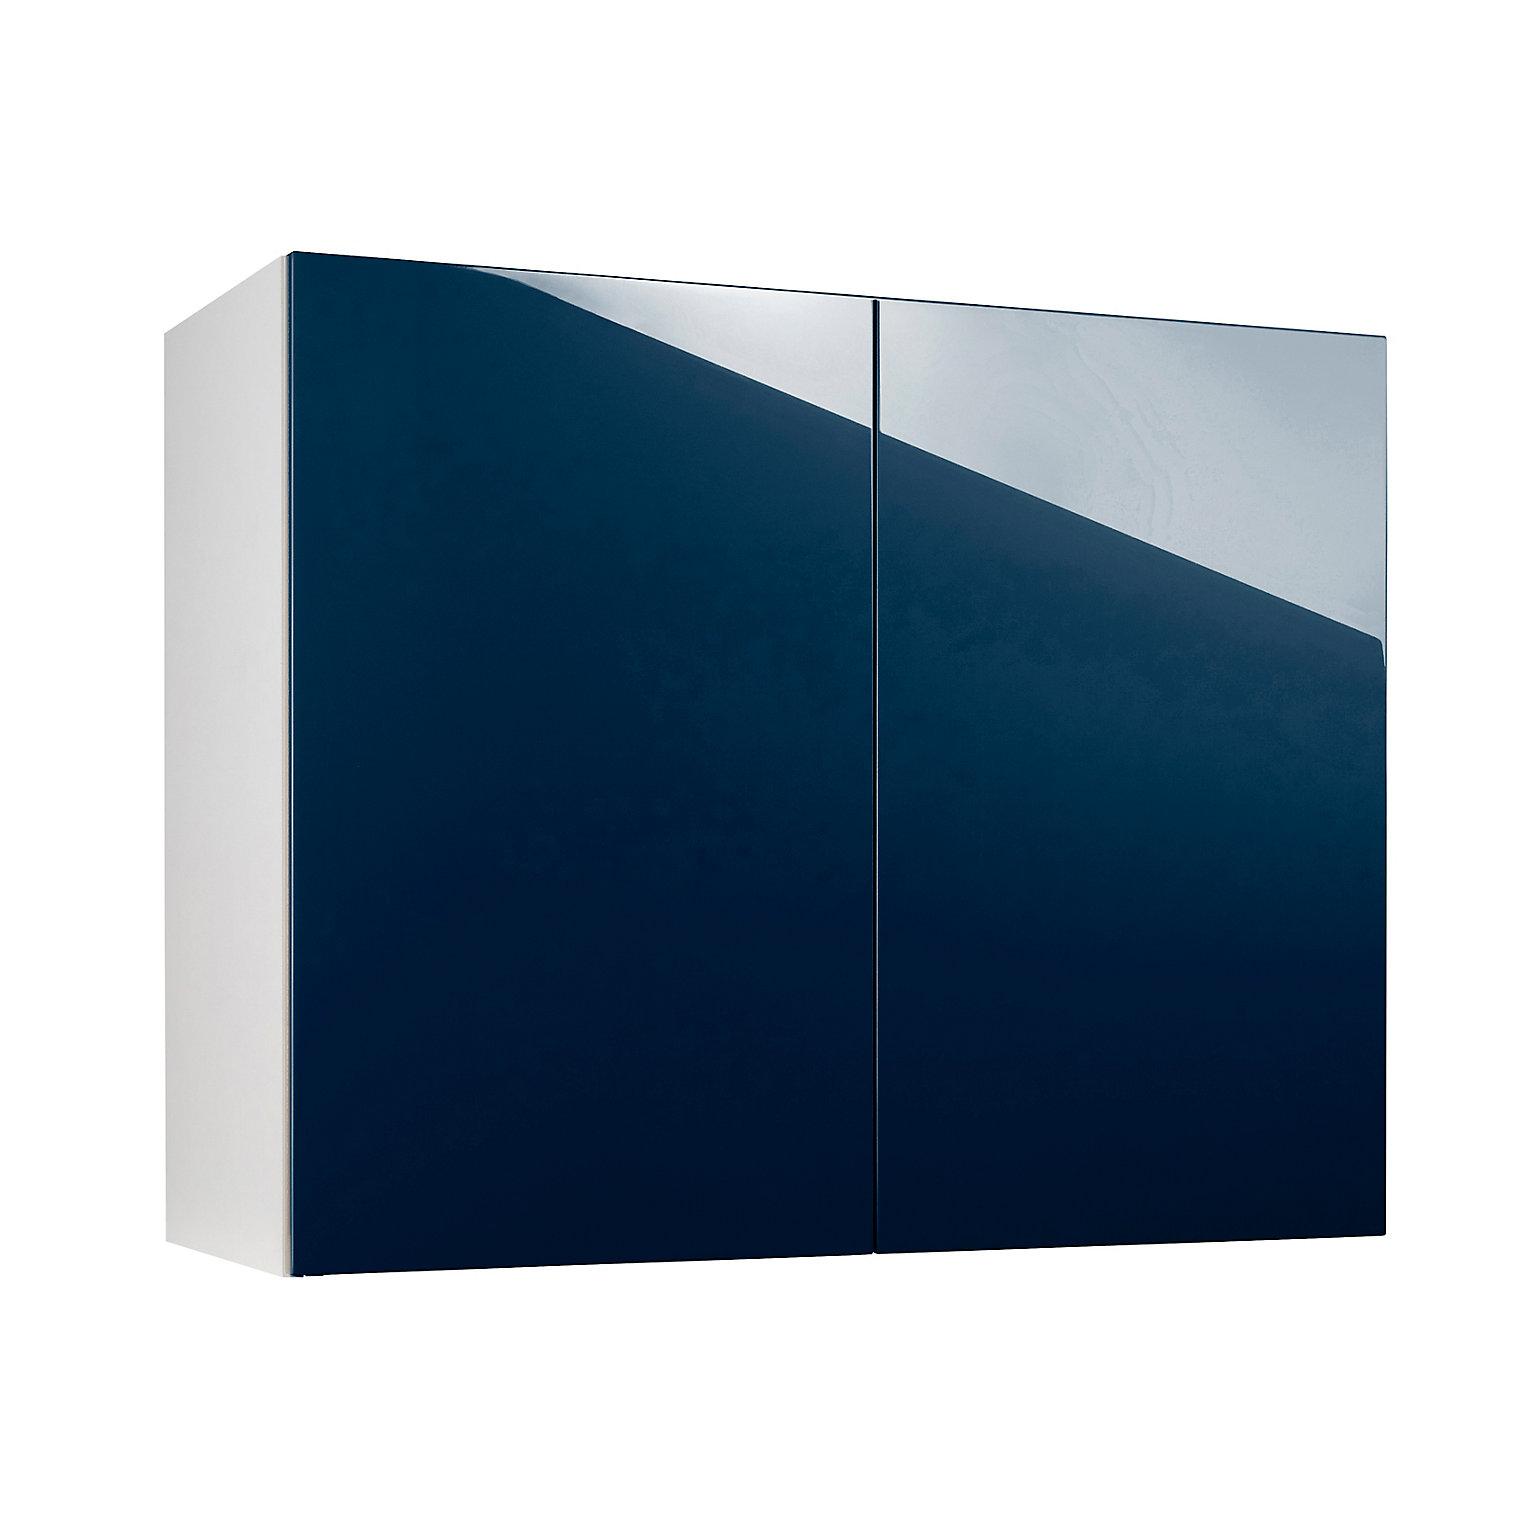 Meuble de cuisine Gossip bleu façades 15 portes + bandeau four + caisson  colonne L. 15 cm